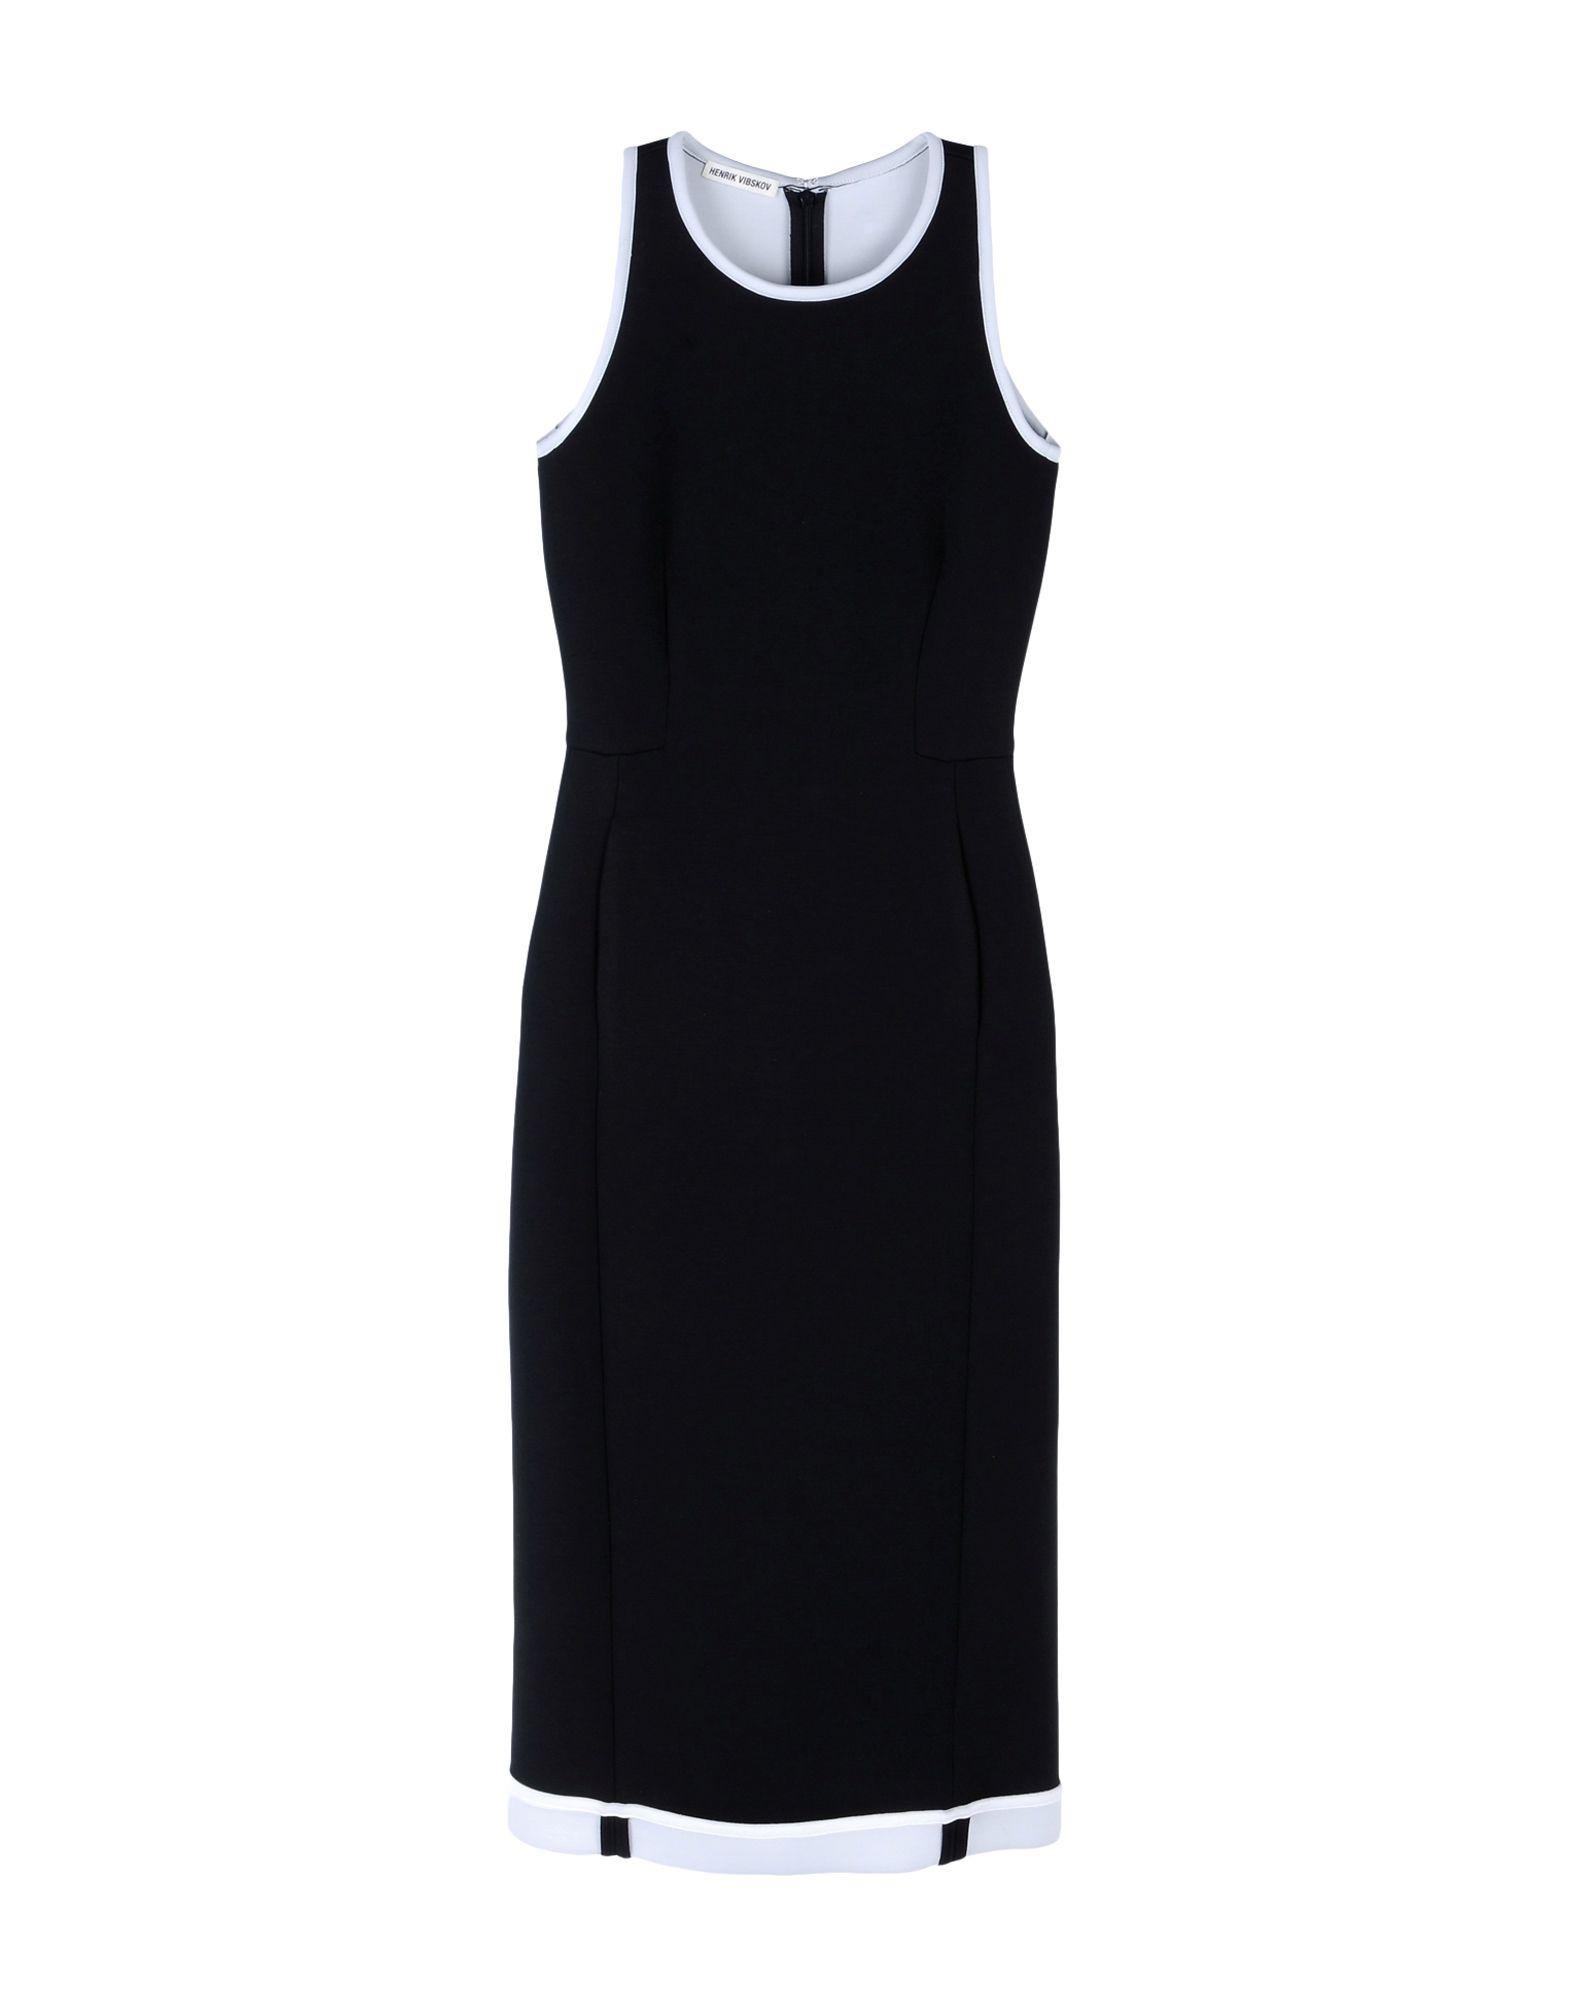 HENRIK VIBSKOV Платье длиной 3/4 lisa corti платье длиной 3 4